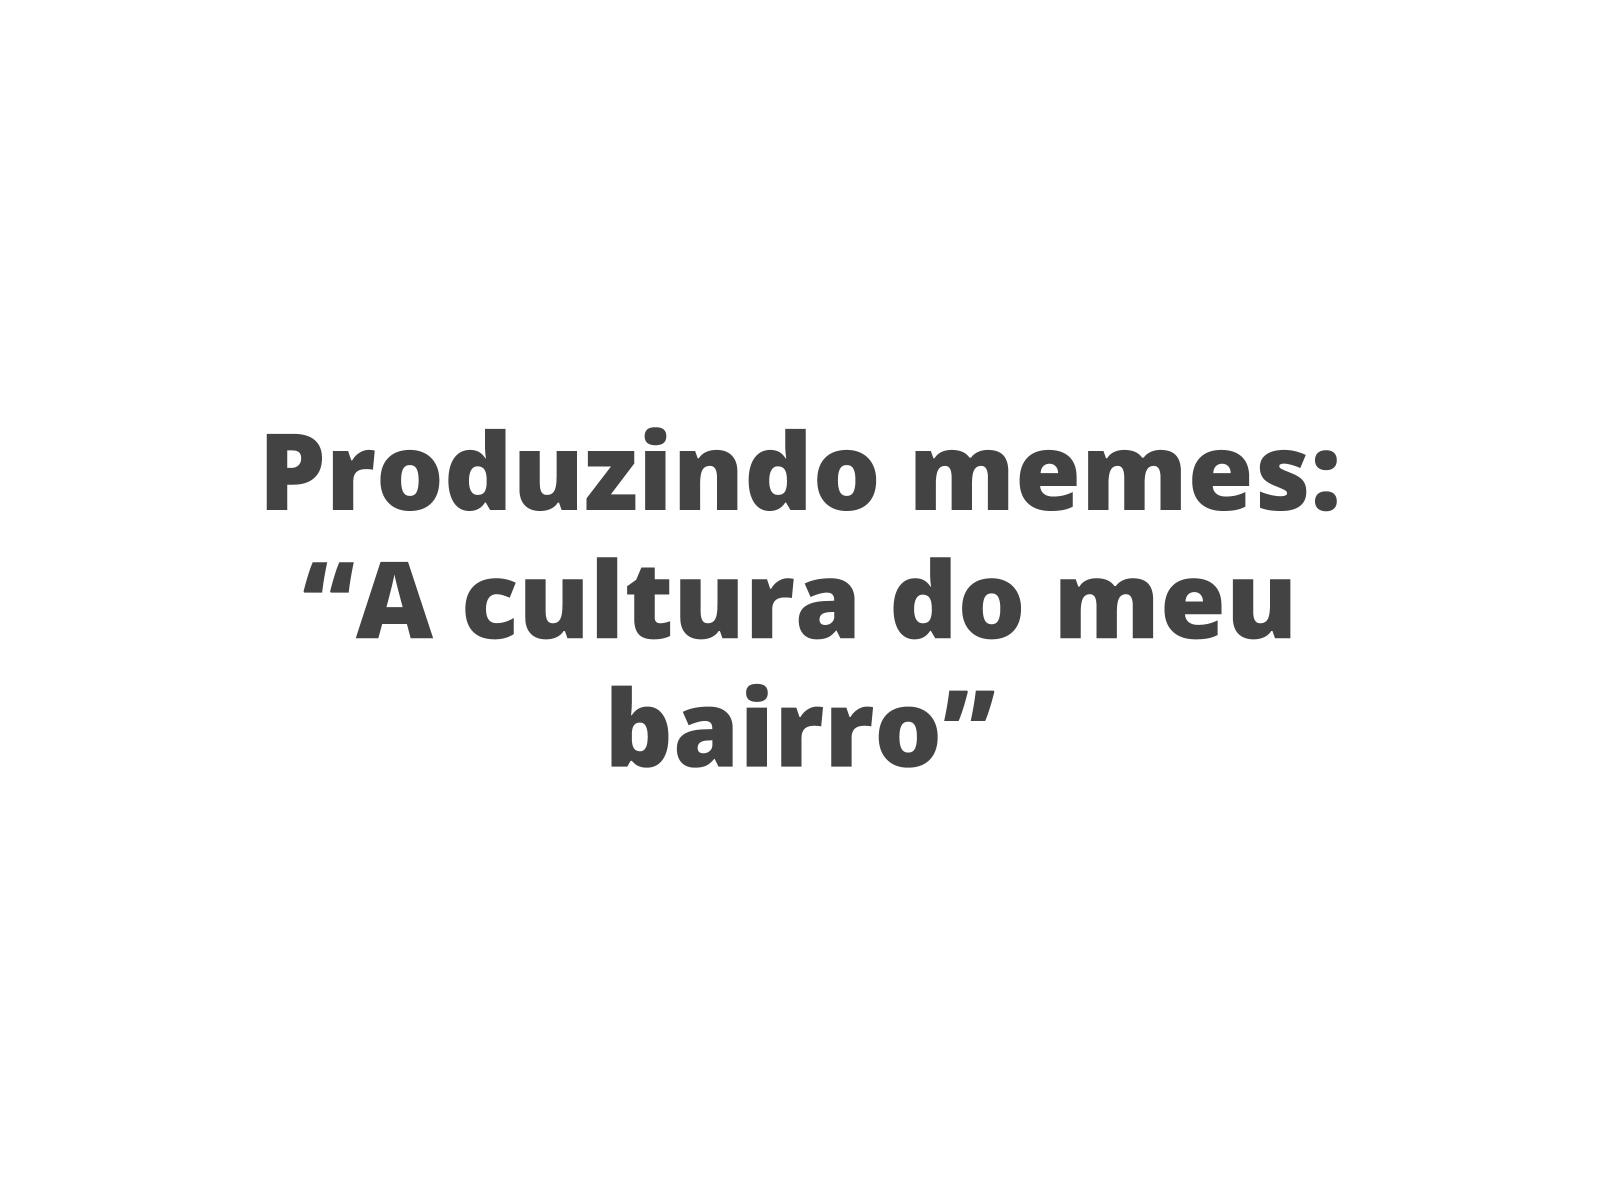 """Produzindo memes com a temática """"A cultura do meu bairro"""""""